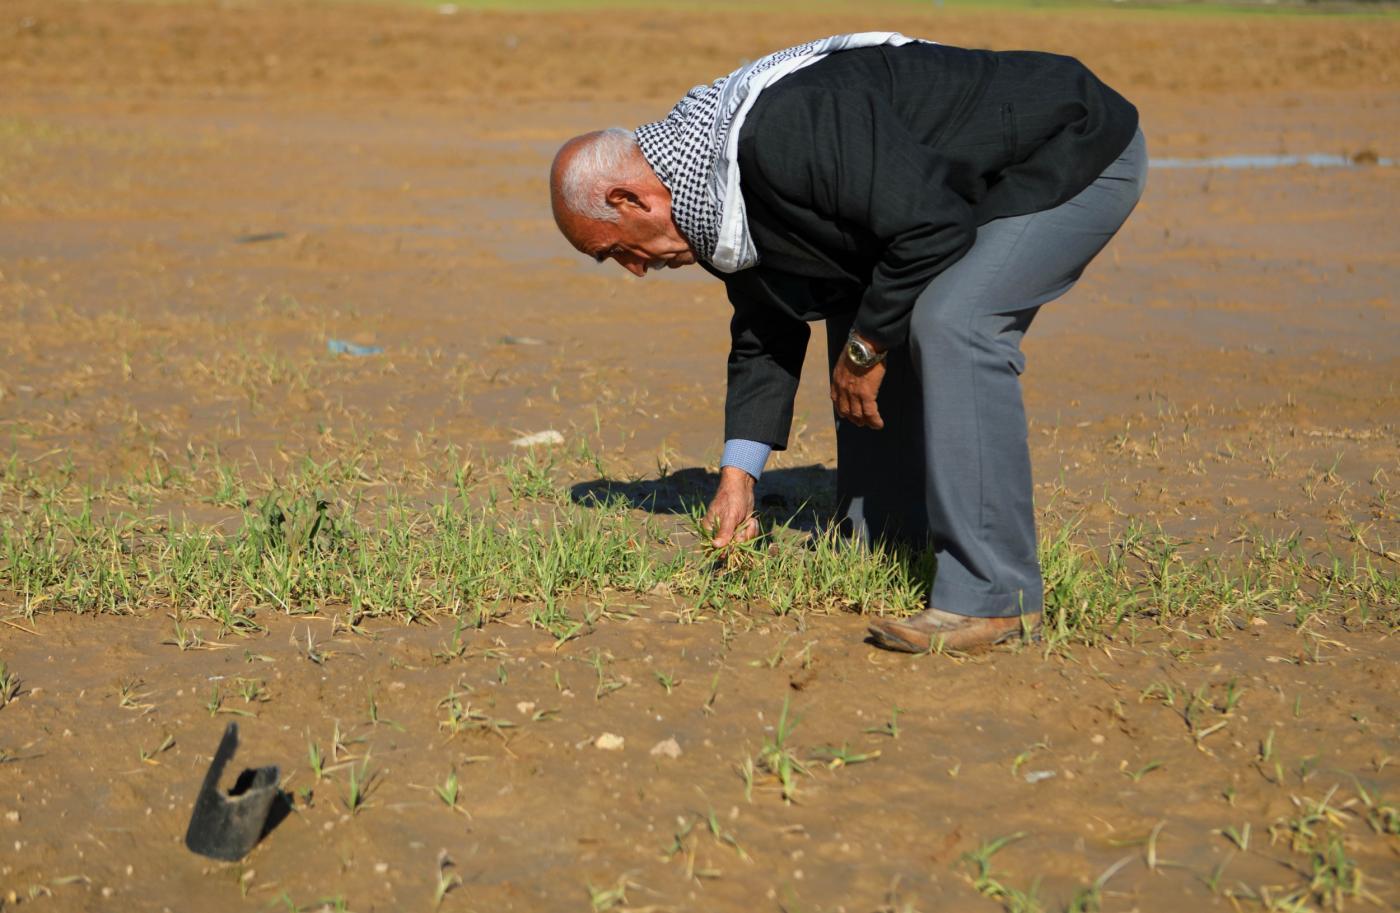 موت بطيء لمحاصيل غزة قبل الحصاد